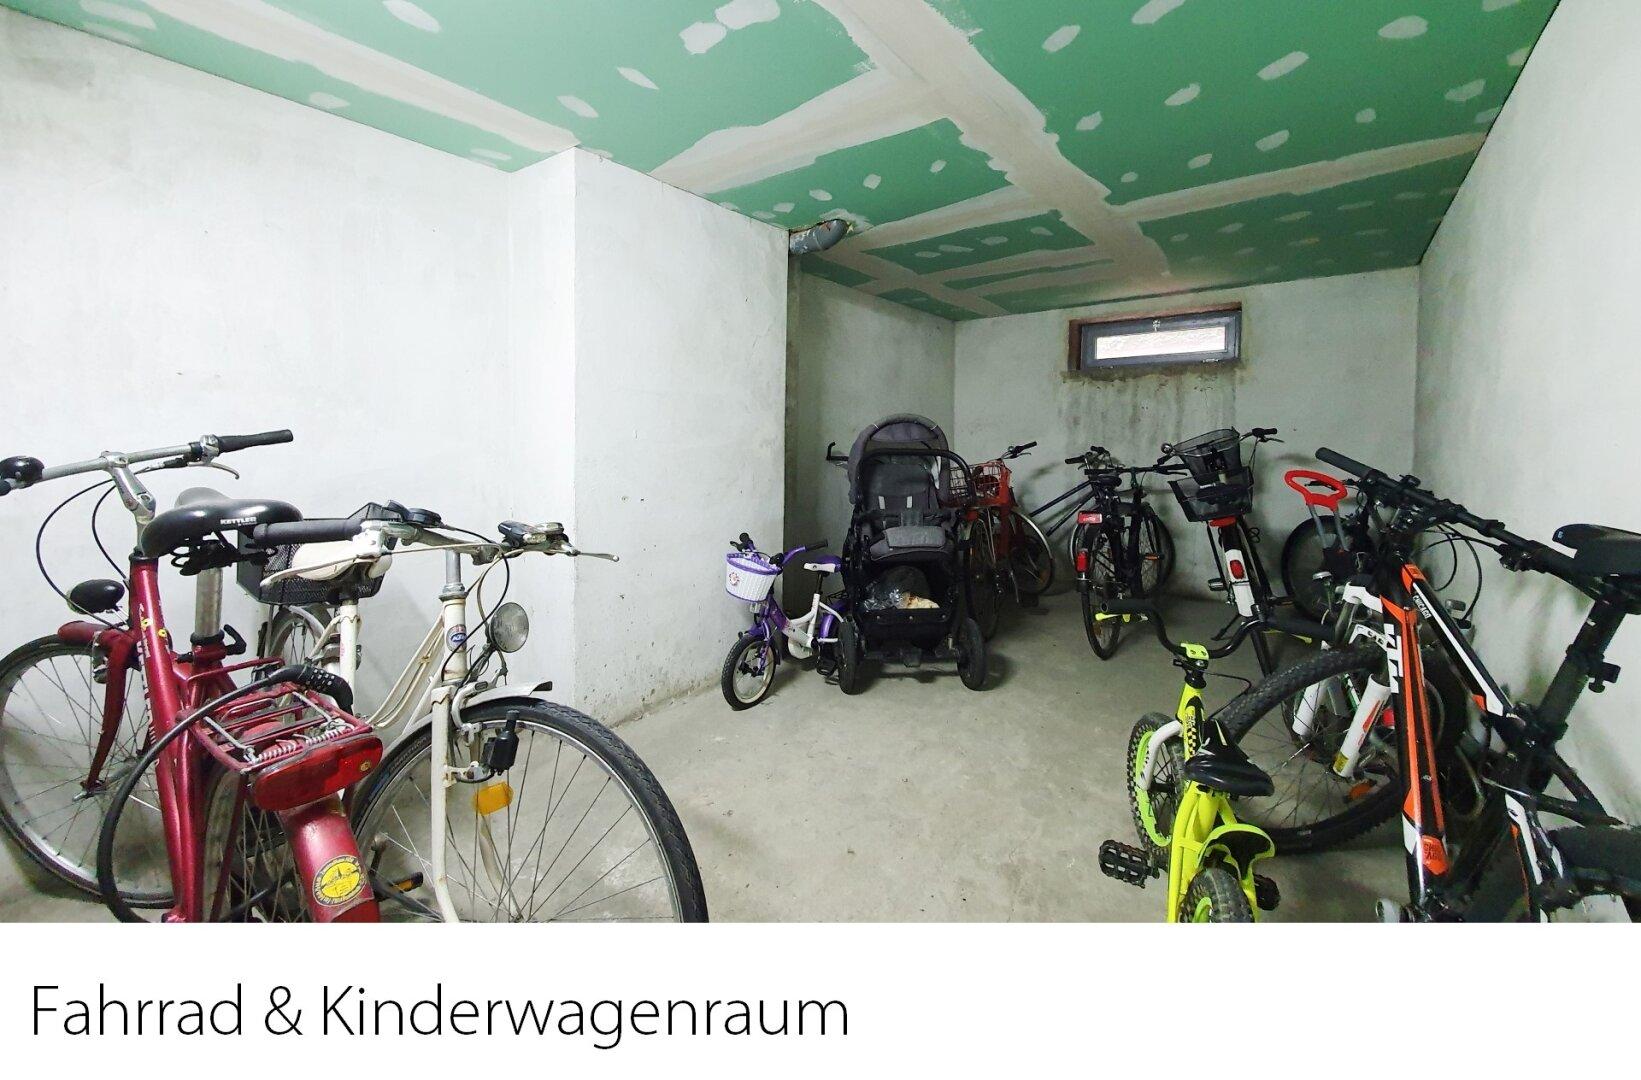 Fahrrad- und Kinderwagenabstellplatz